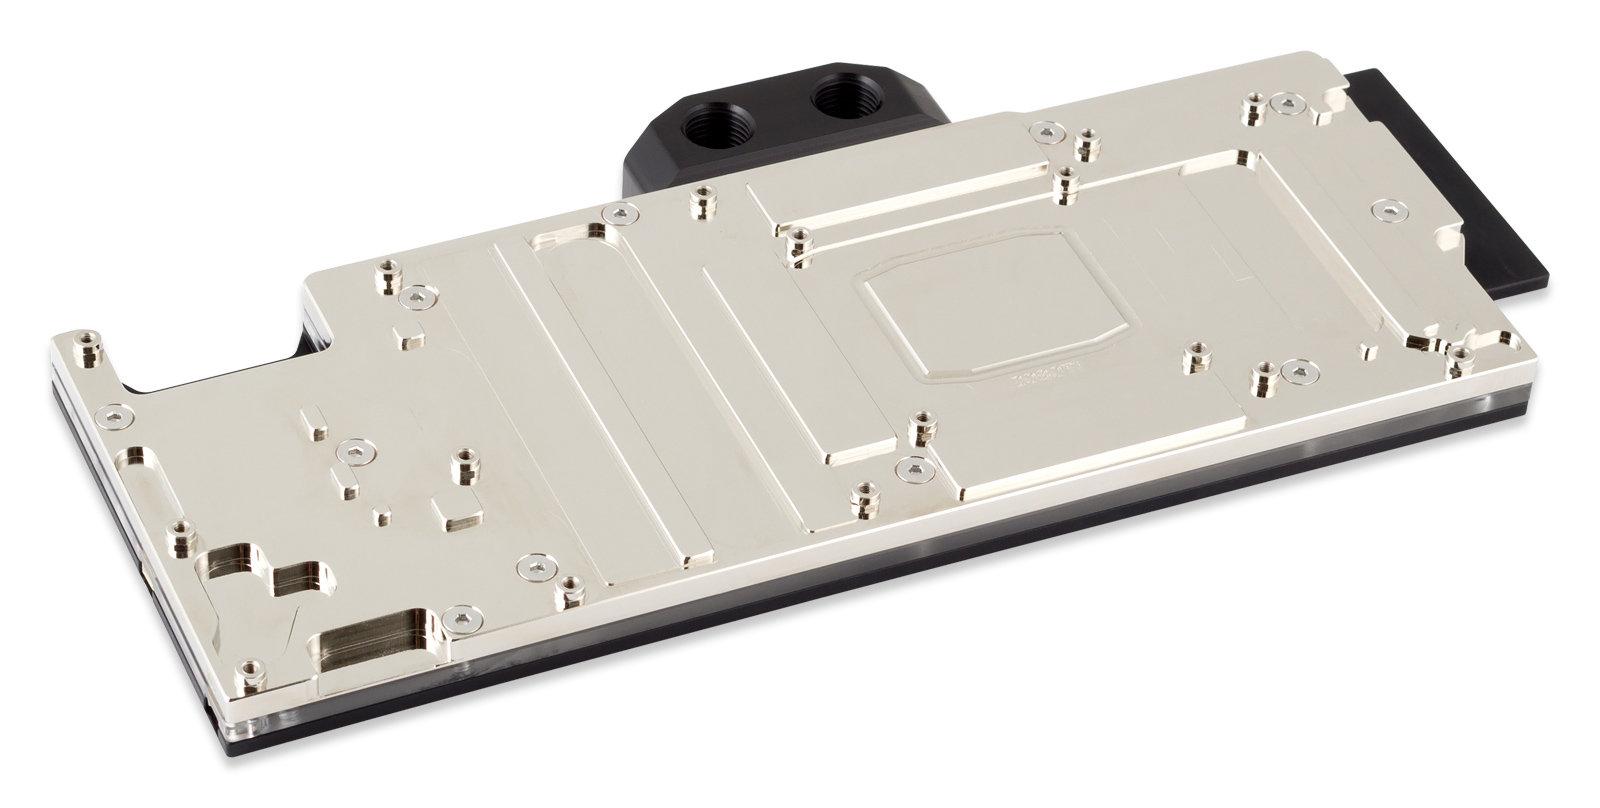 Aqua Computer Kryographics Next RTX 2080 Ti in der vernickelten Variante